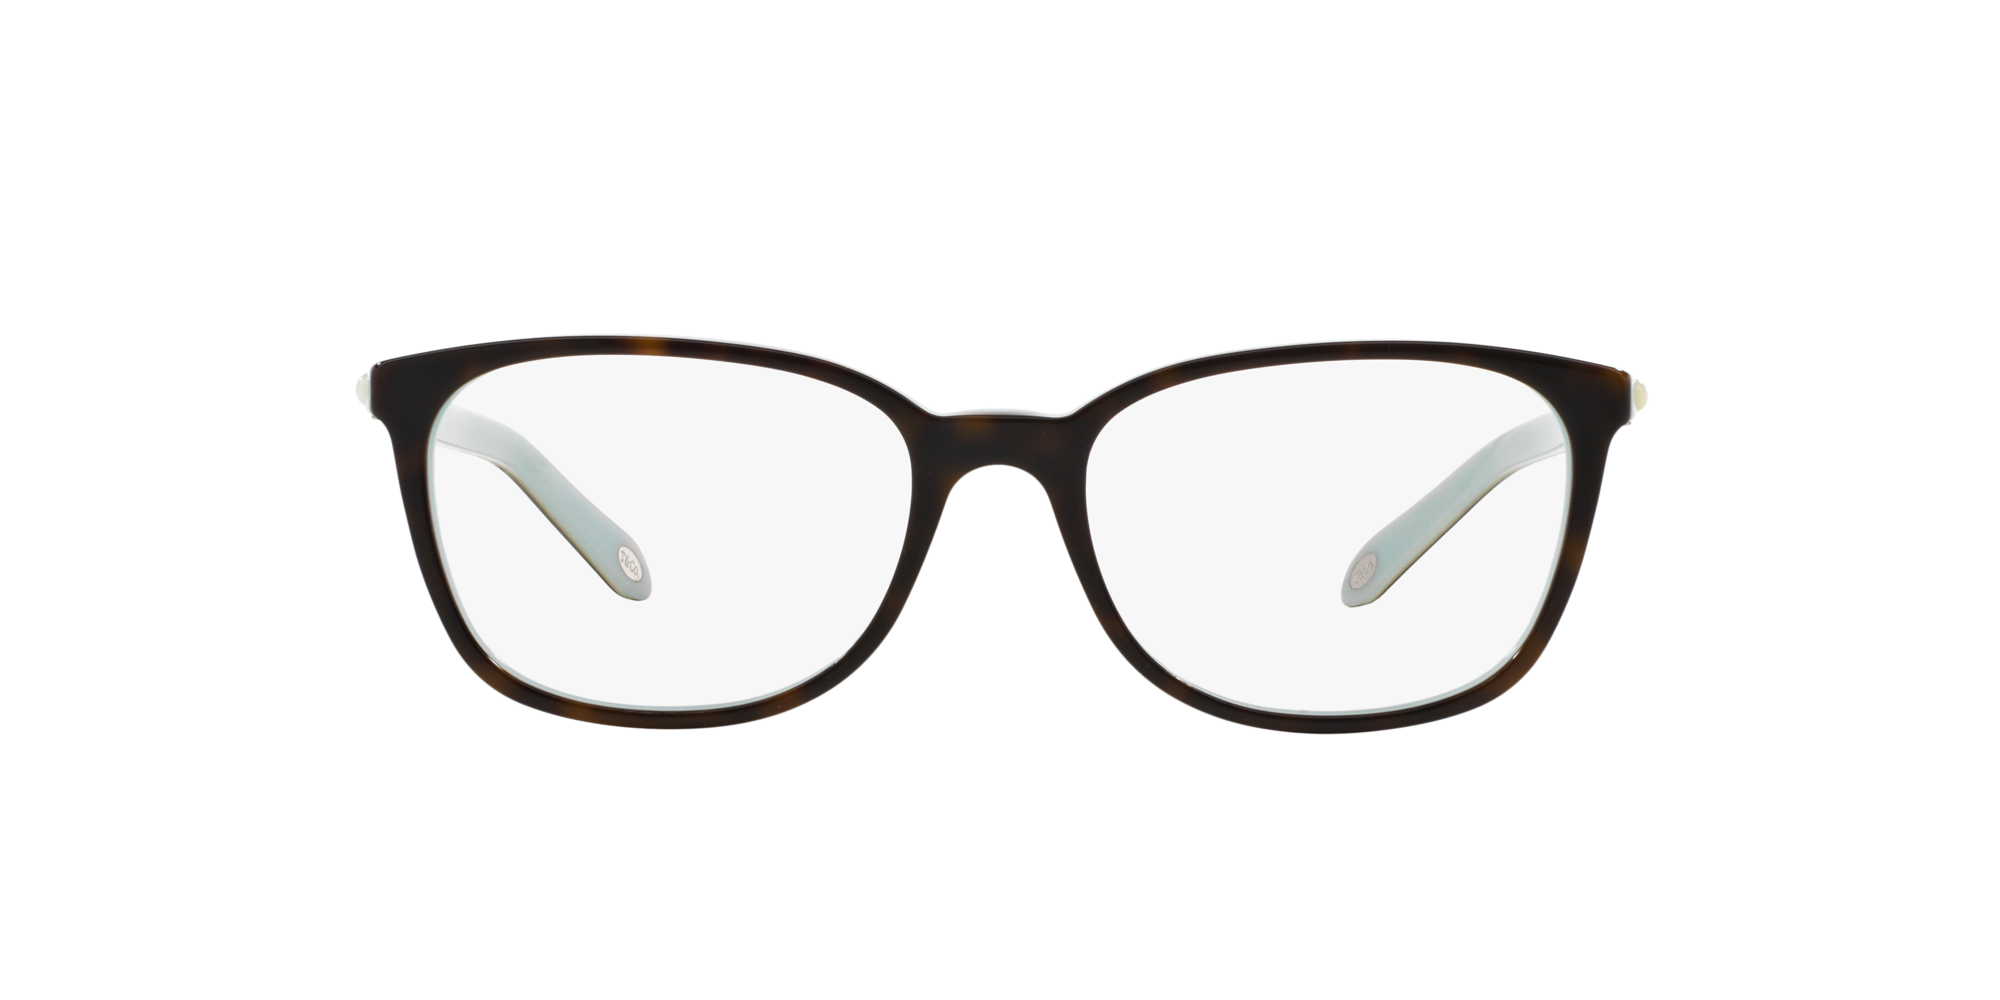 Imagen para TF2109HB de LensCrafters |  Espejuelos, espejuelos graduados en línea, gafas